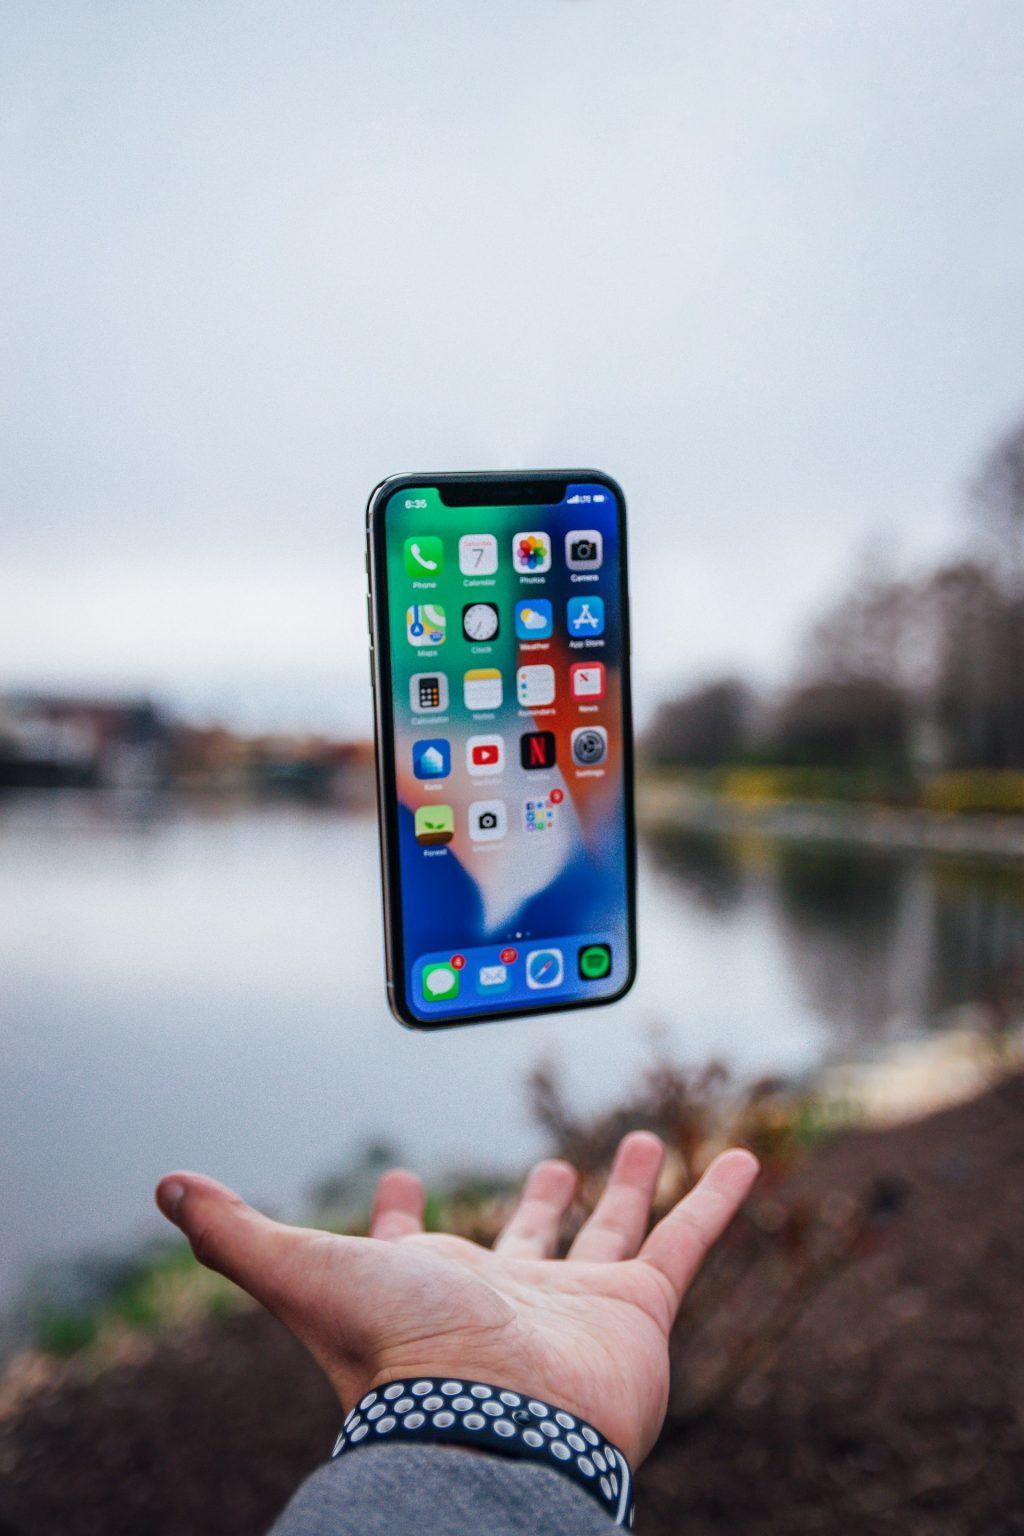 Si të dalloj një iPhone origjinal kundrejt një iPhone fallco?